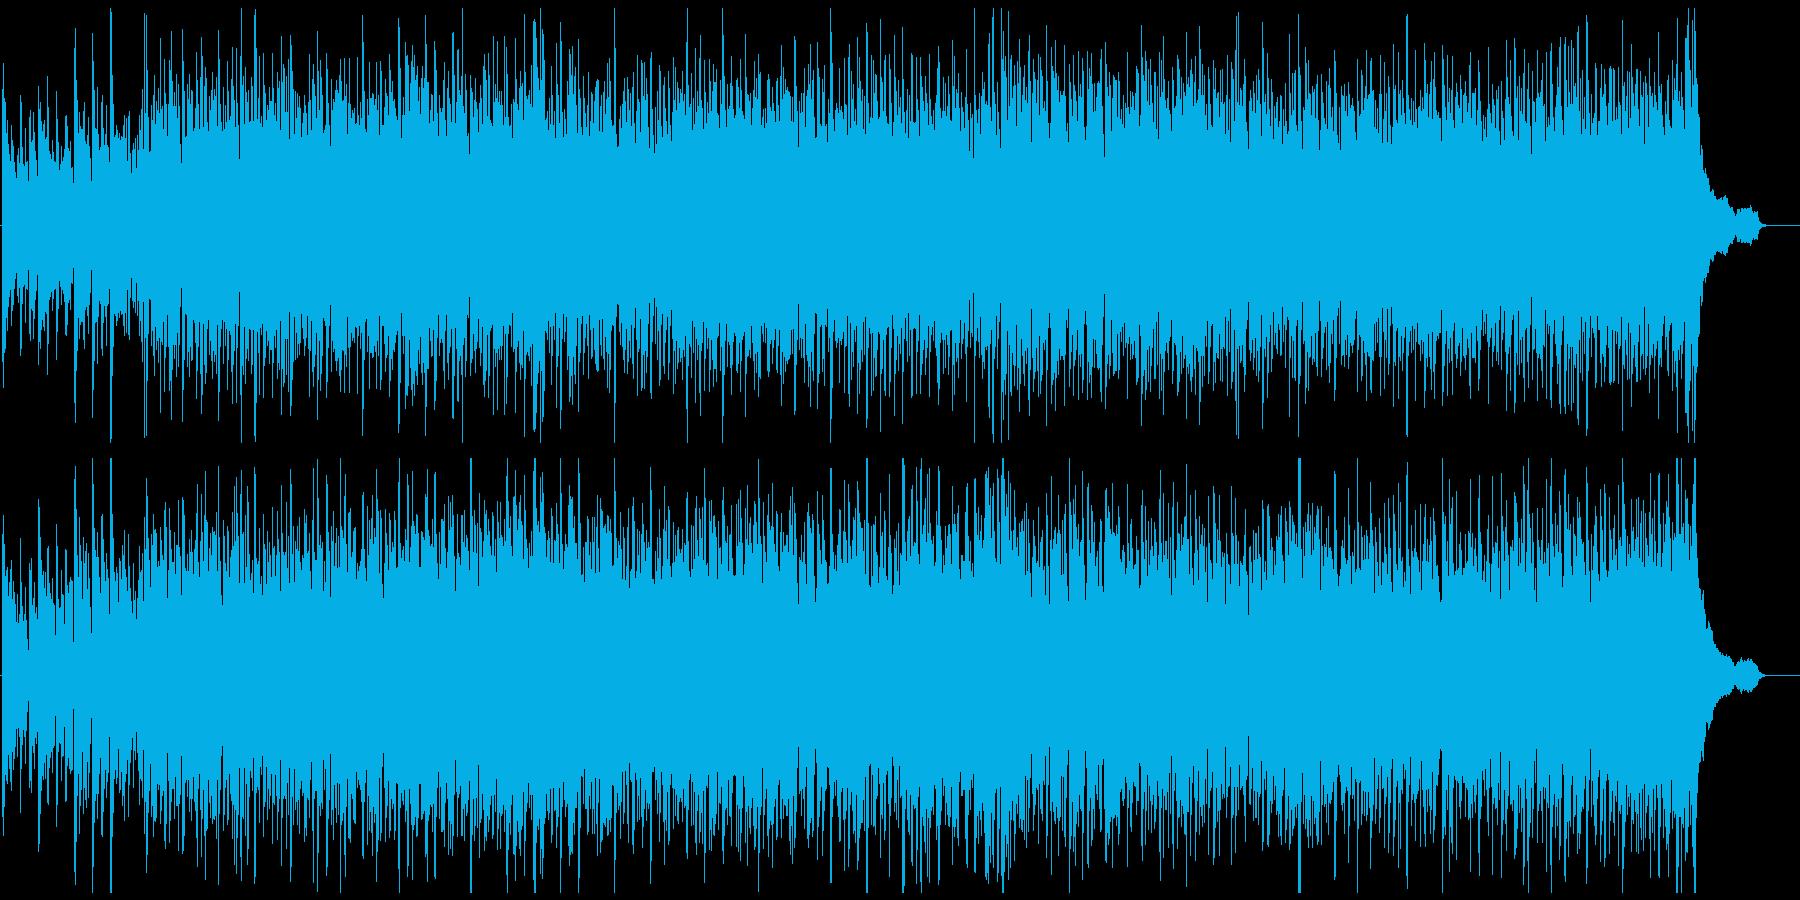 ノリノリで元気な高揚感あふれるウクレレ曲の再生済みの波形